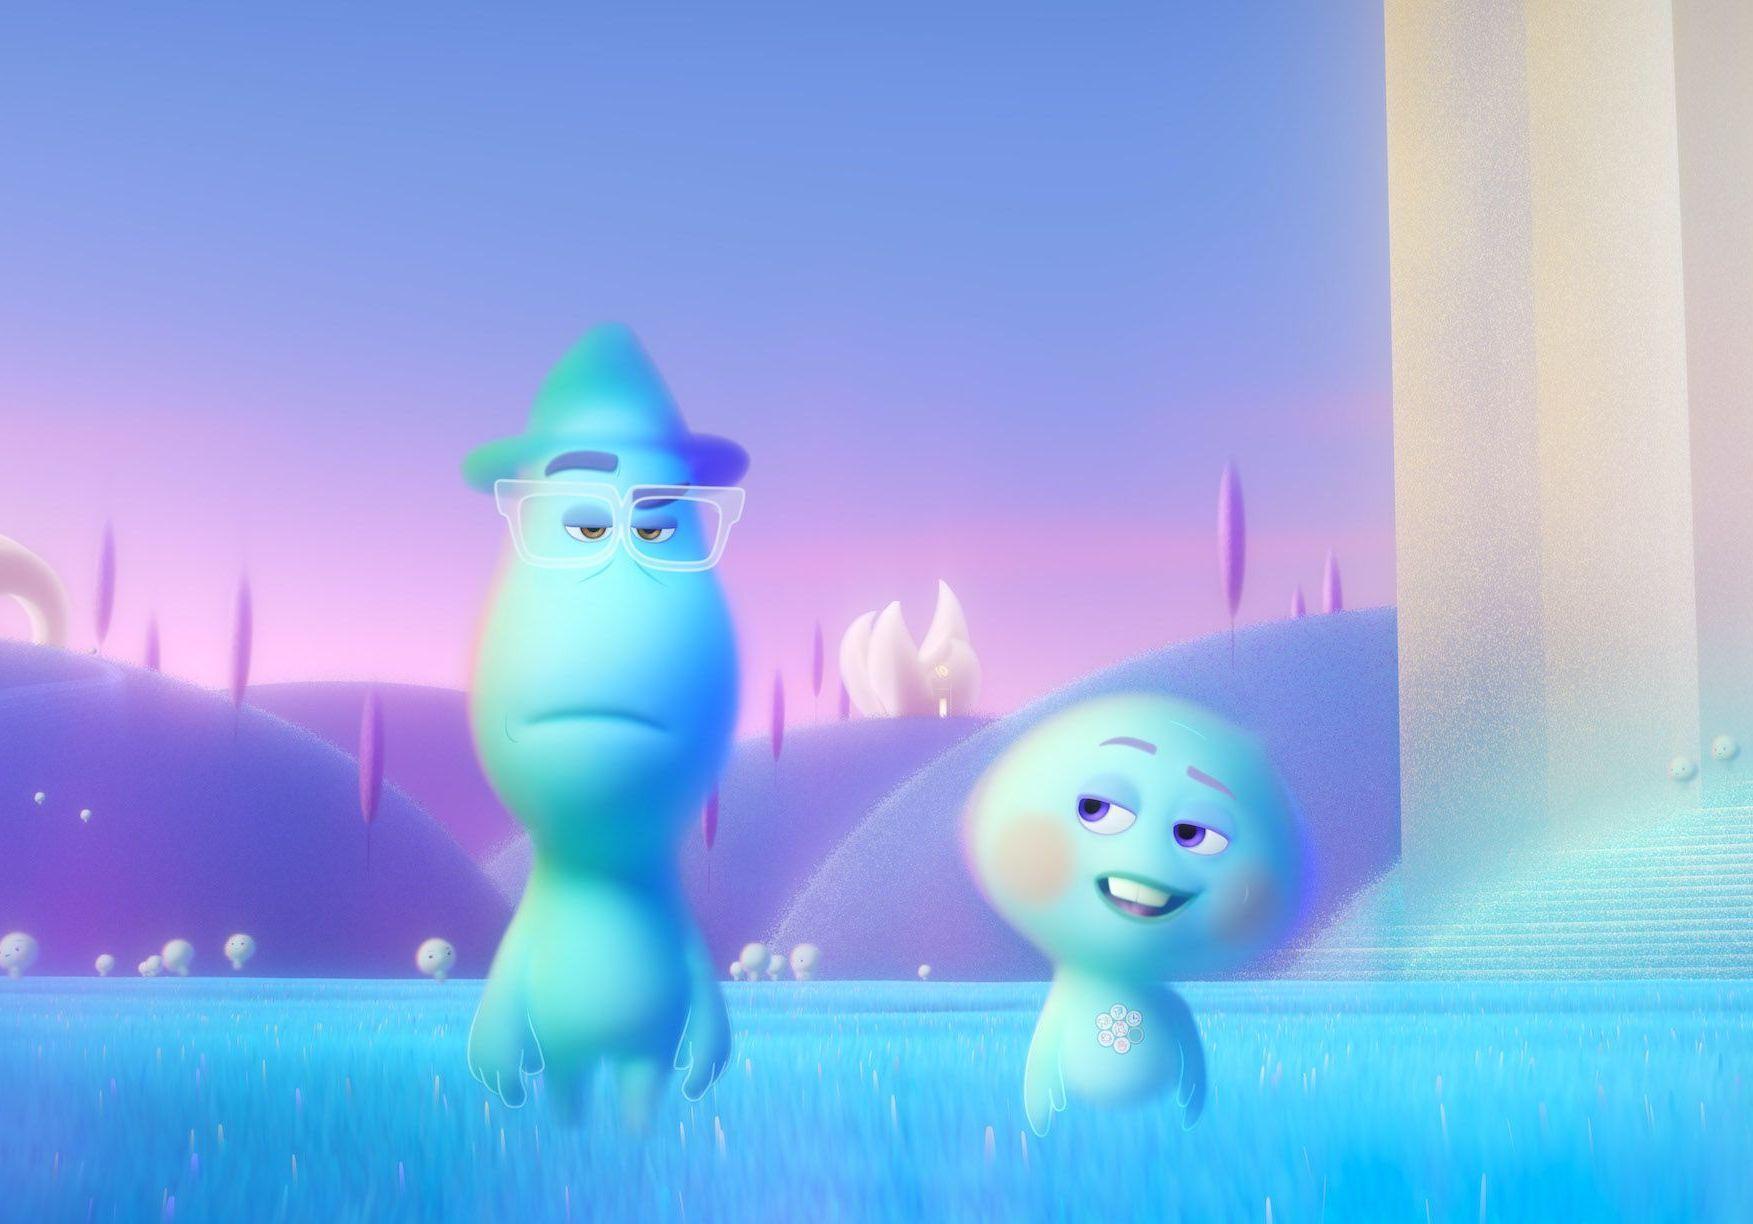 Soul Une Drole Et Touchante Lecon De Vie Signee Pixar Elle